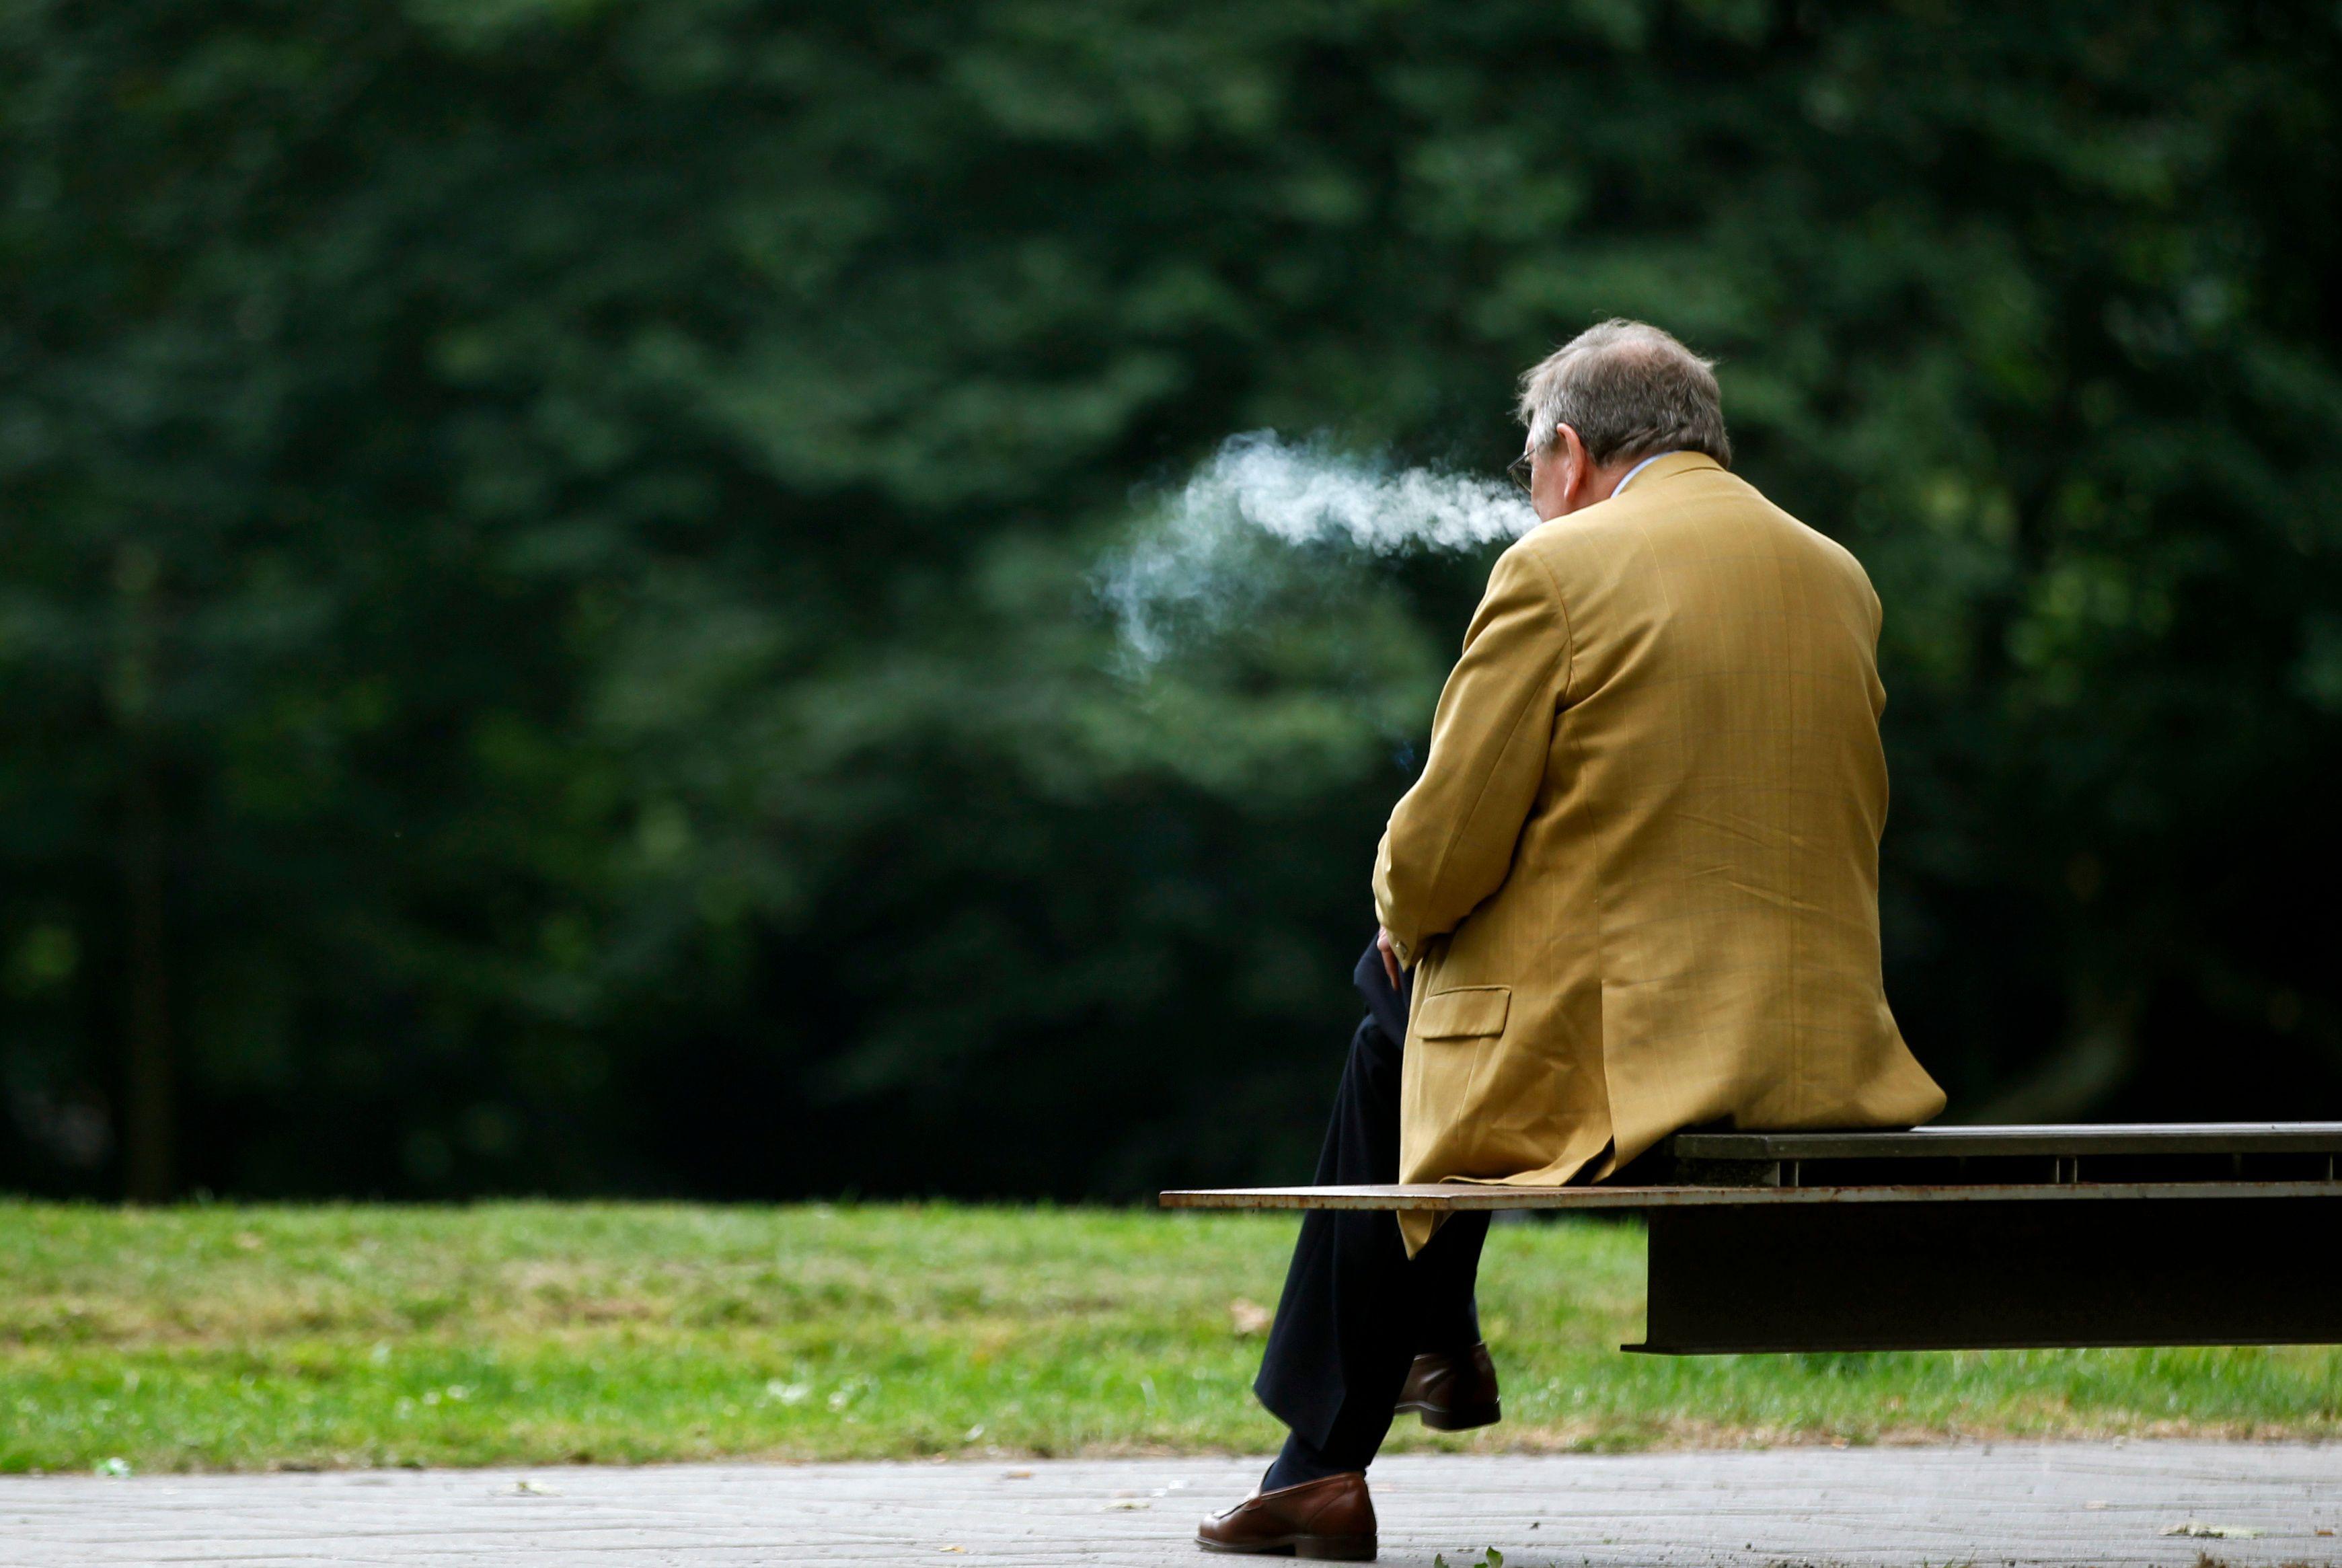 Voilà pourquoi les pauvres ont plus de difficultés à arrêter de fumer et ce que cela dit sur notre société